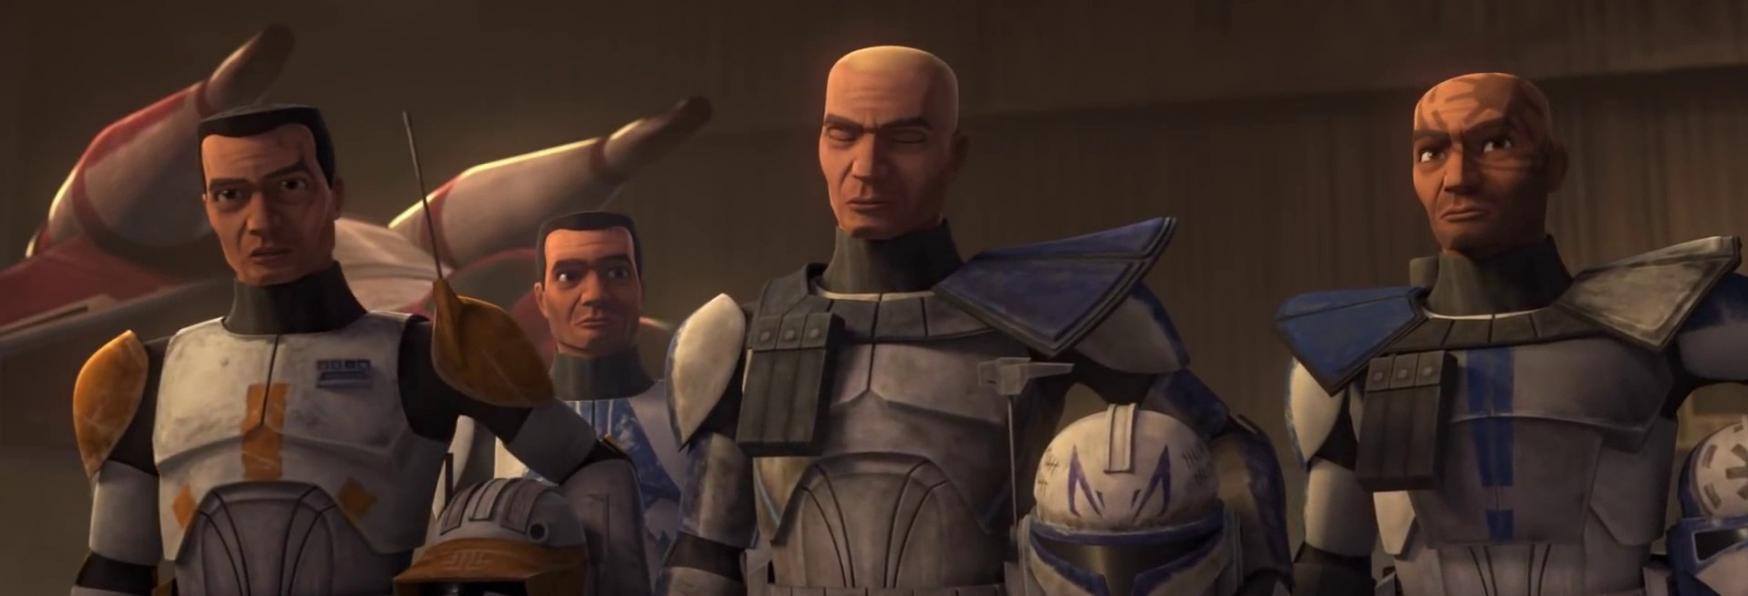 Star Wars: The Bad Batch - la Serie TV avrà almeno 14 Episodi